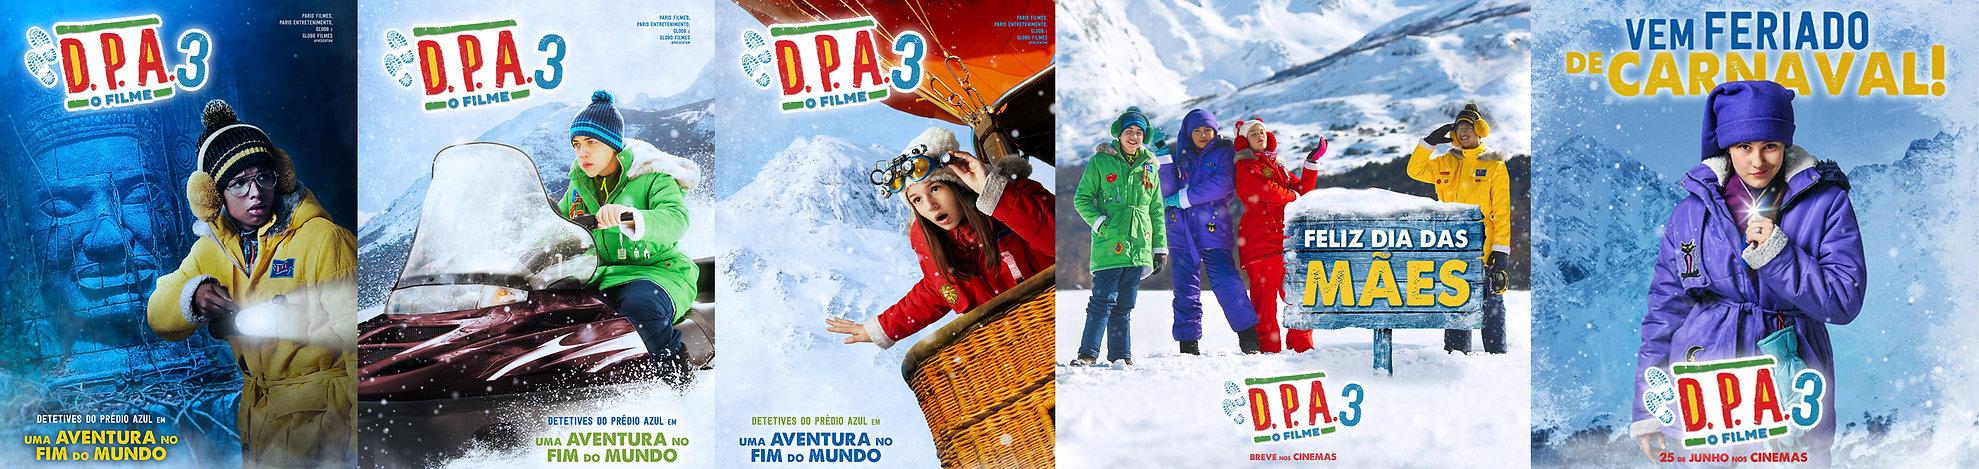 DPA_Cover.jpg